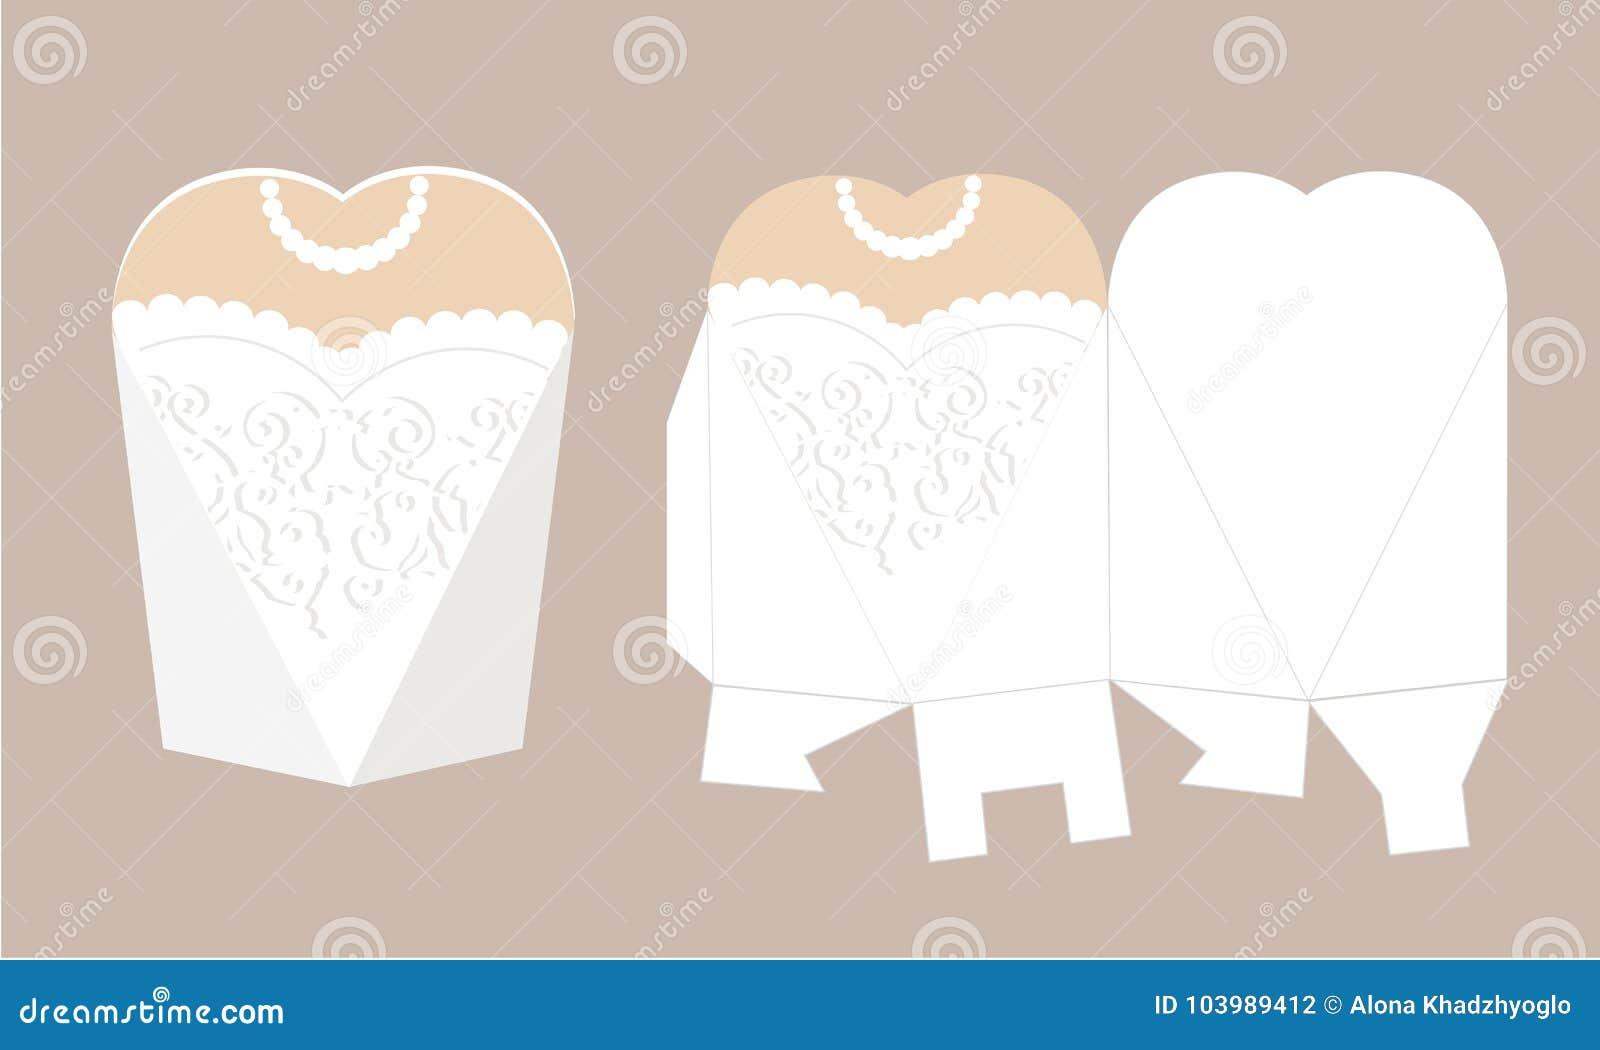 Elegantes Brautkleid mit Spitze Hochzeitskleiderkasten Bedruckbare Verpackung Braut - weißer Bevorzugungskasten Die Form der Pyra